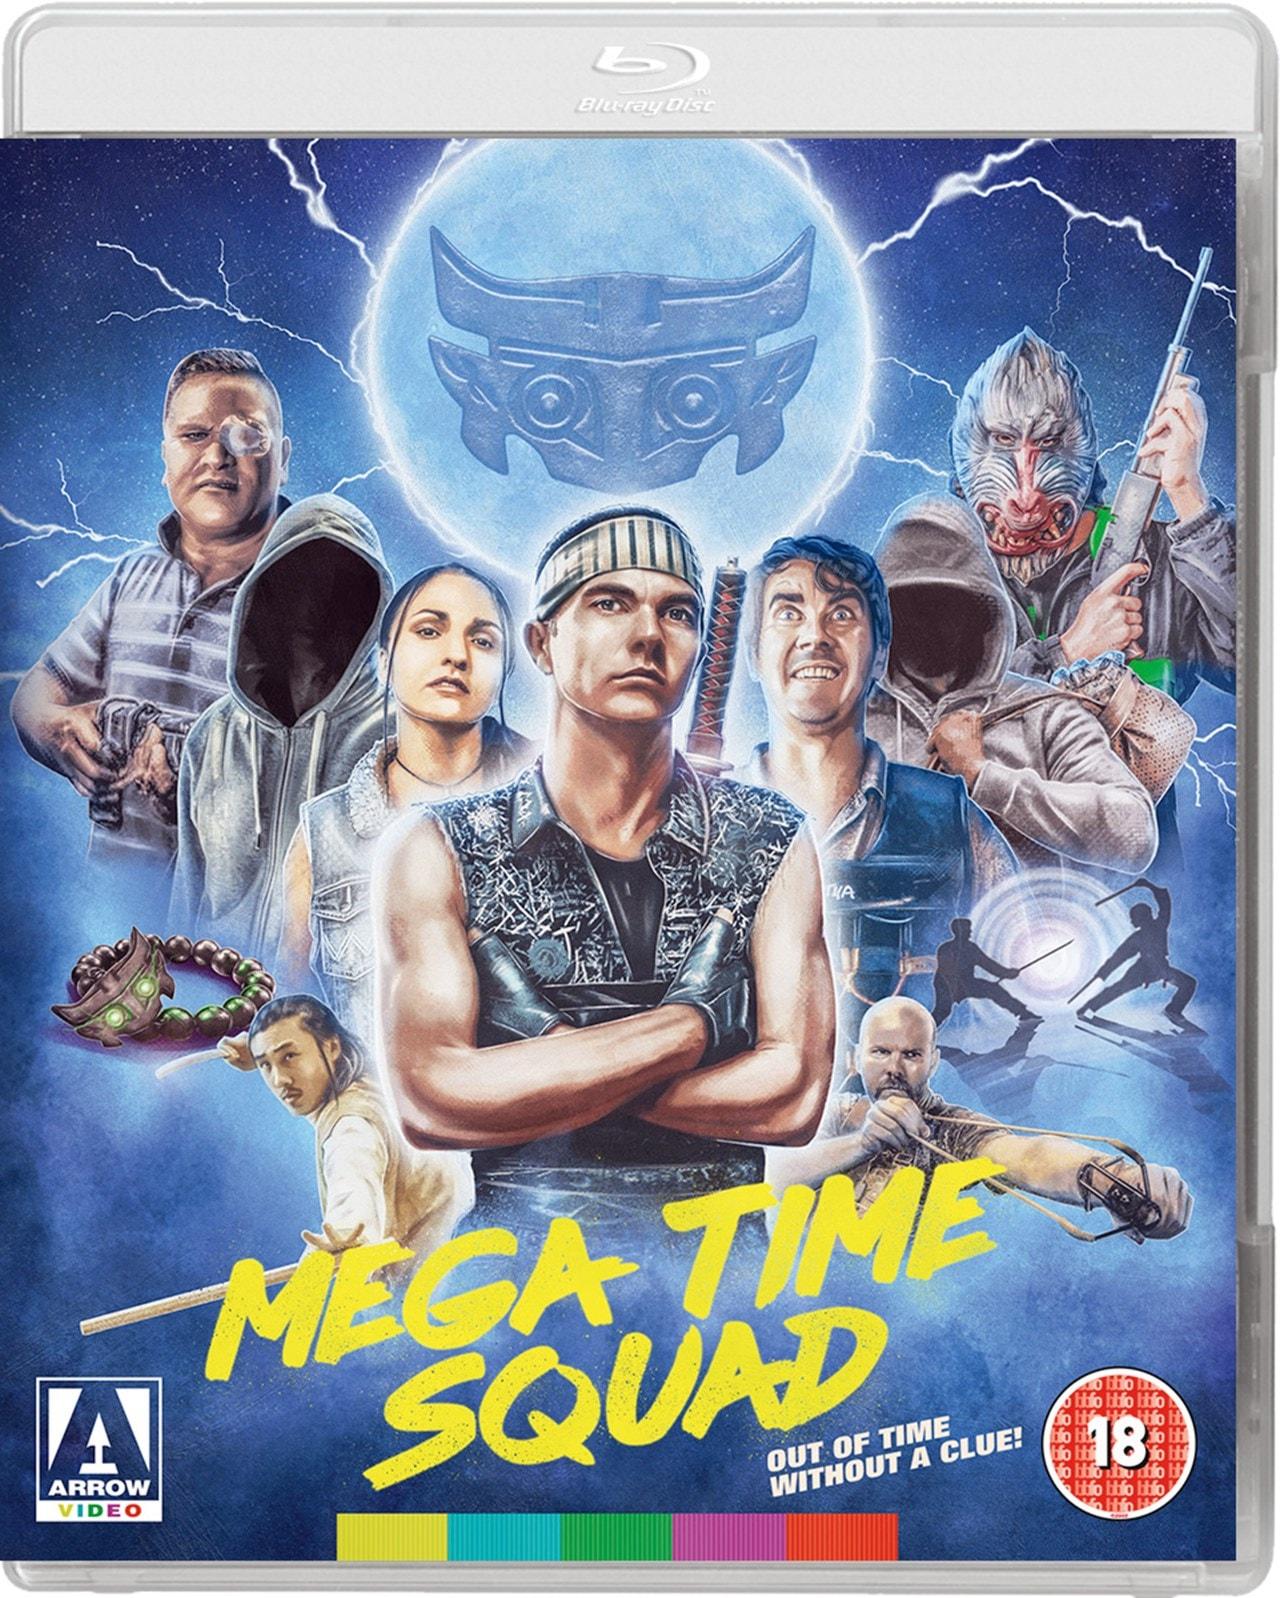 Mega Time Squad - 1